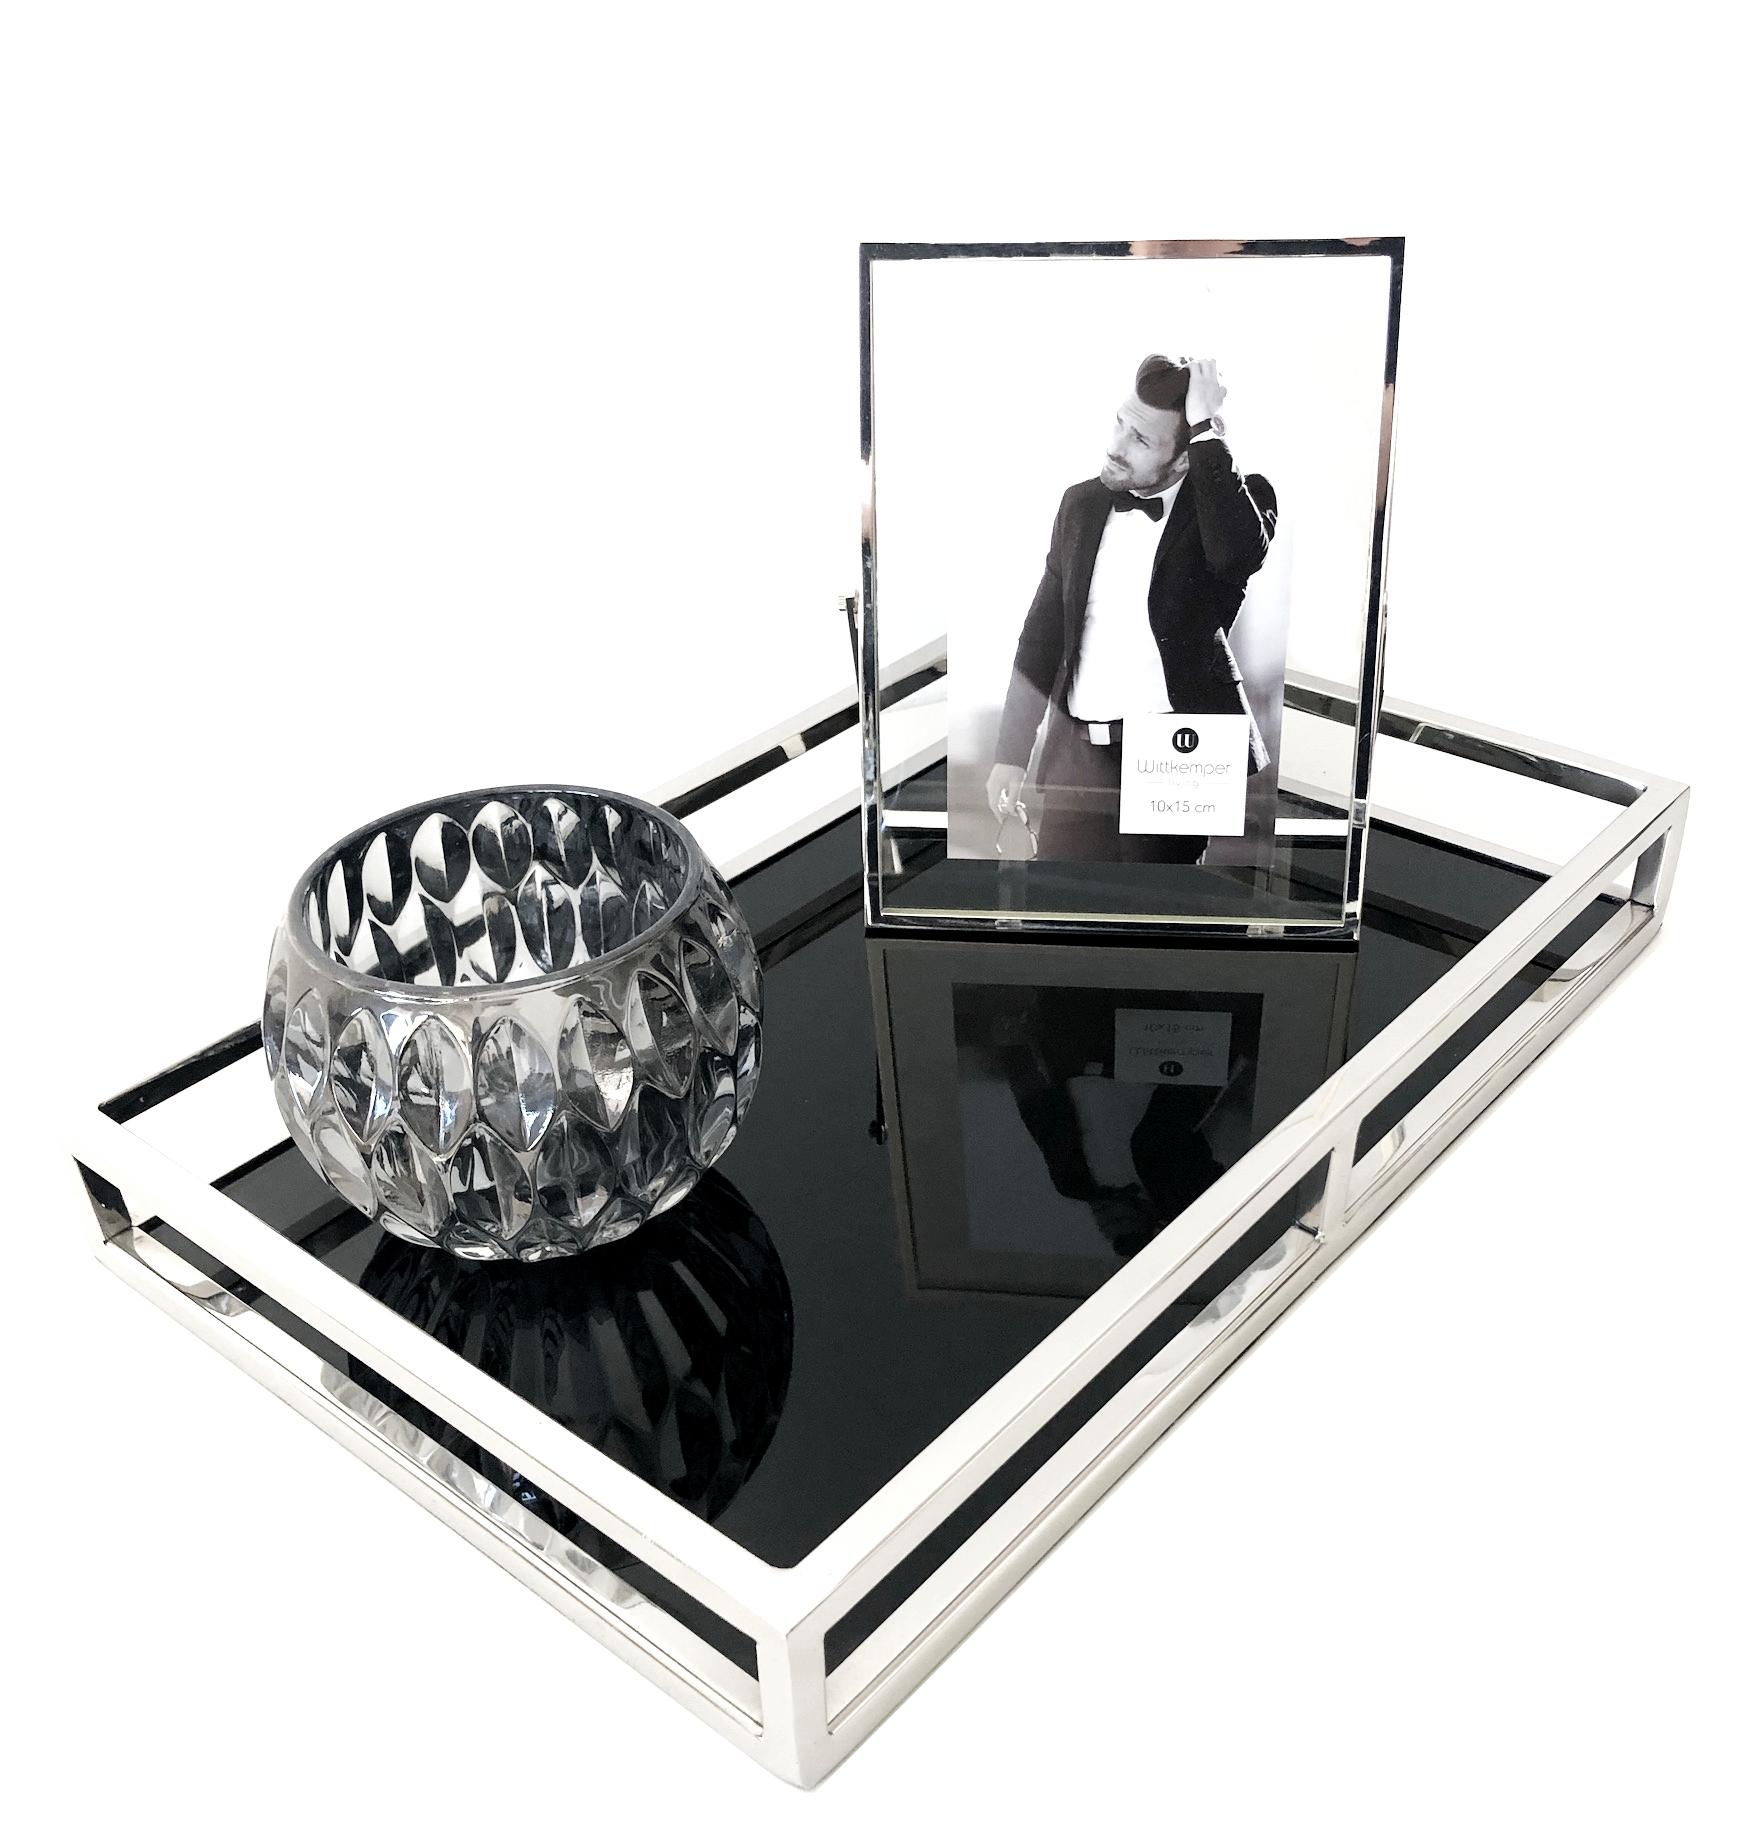 edles tablett edelstahl silber schwarzes glas l nglich 41. Black Bedroom Furniture Sets. Home Design Ideas